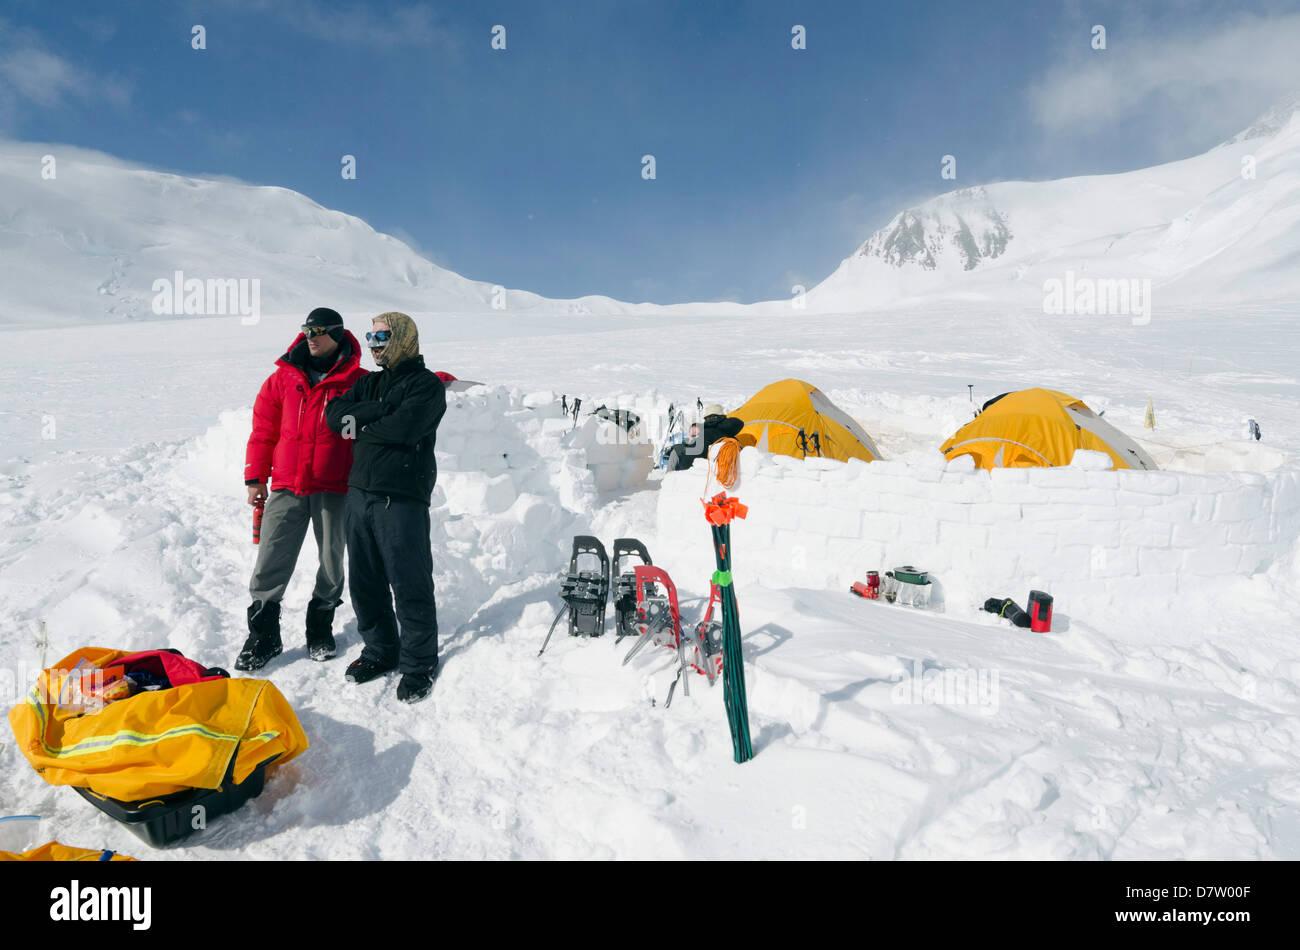 Camp 2, climbing expedition on Mount McKinley, 6194m, Denali National Park, Alaska, USA - Stock Image